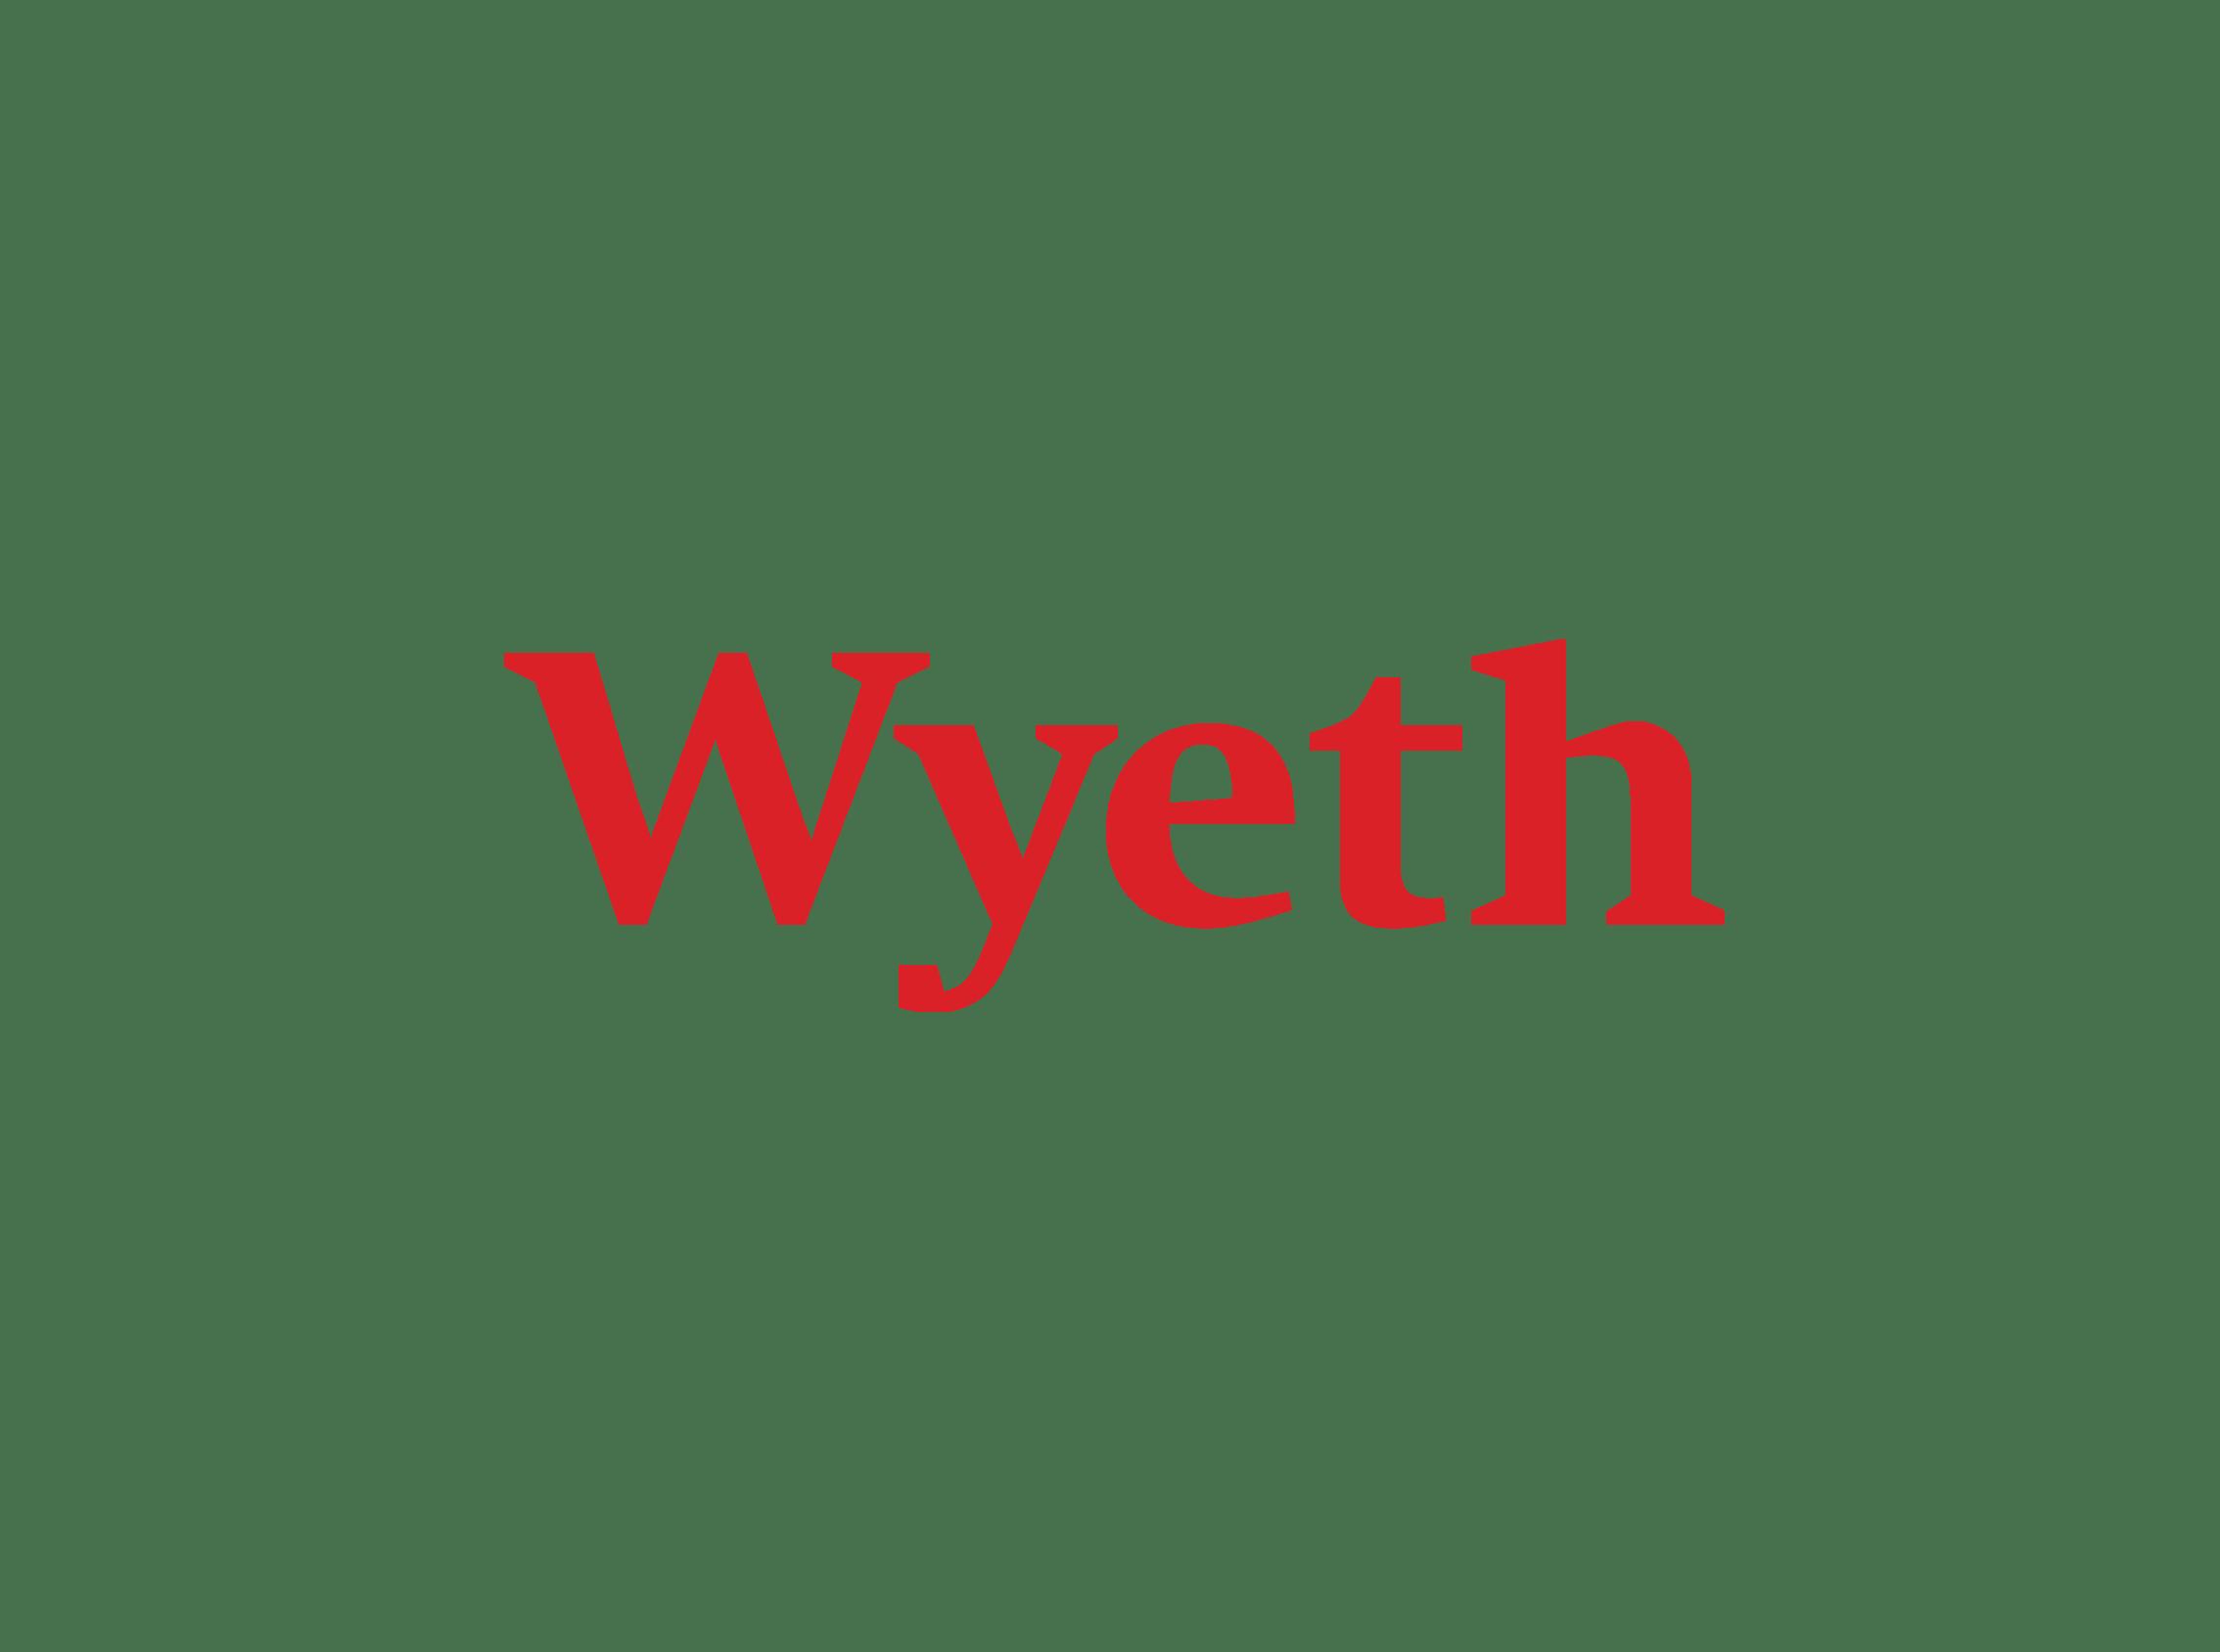 ACPAC-Wyeth